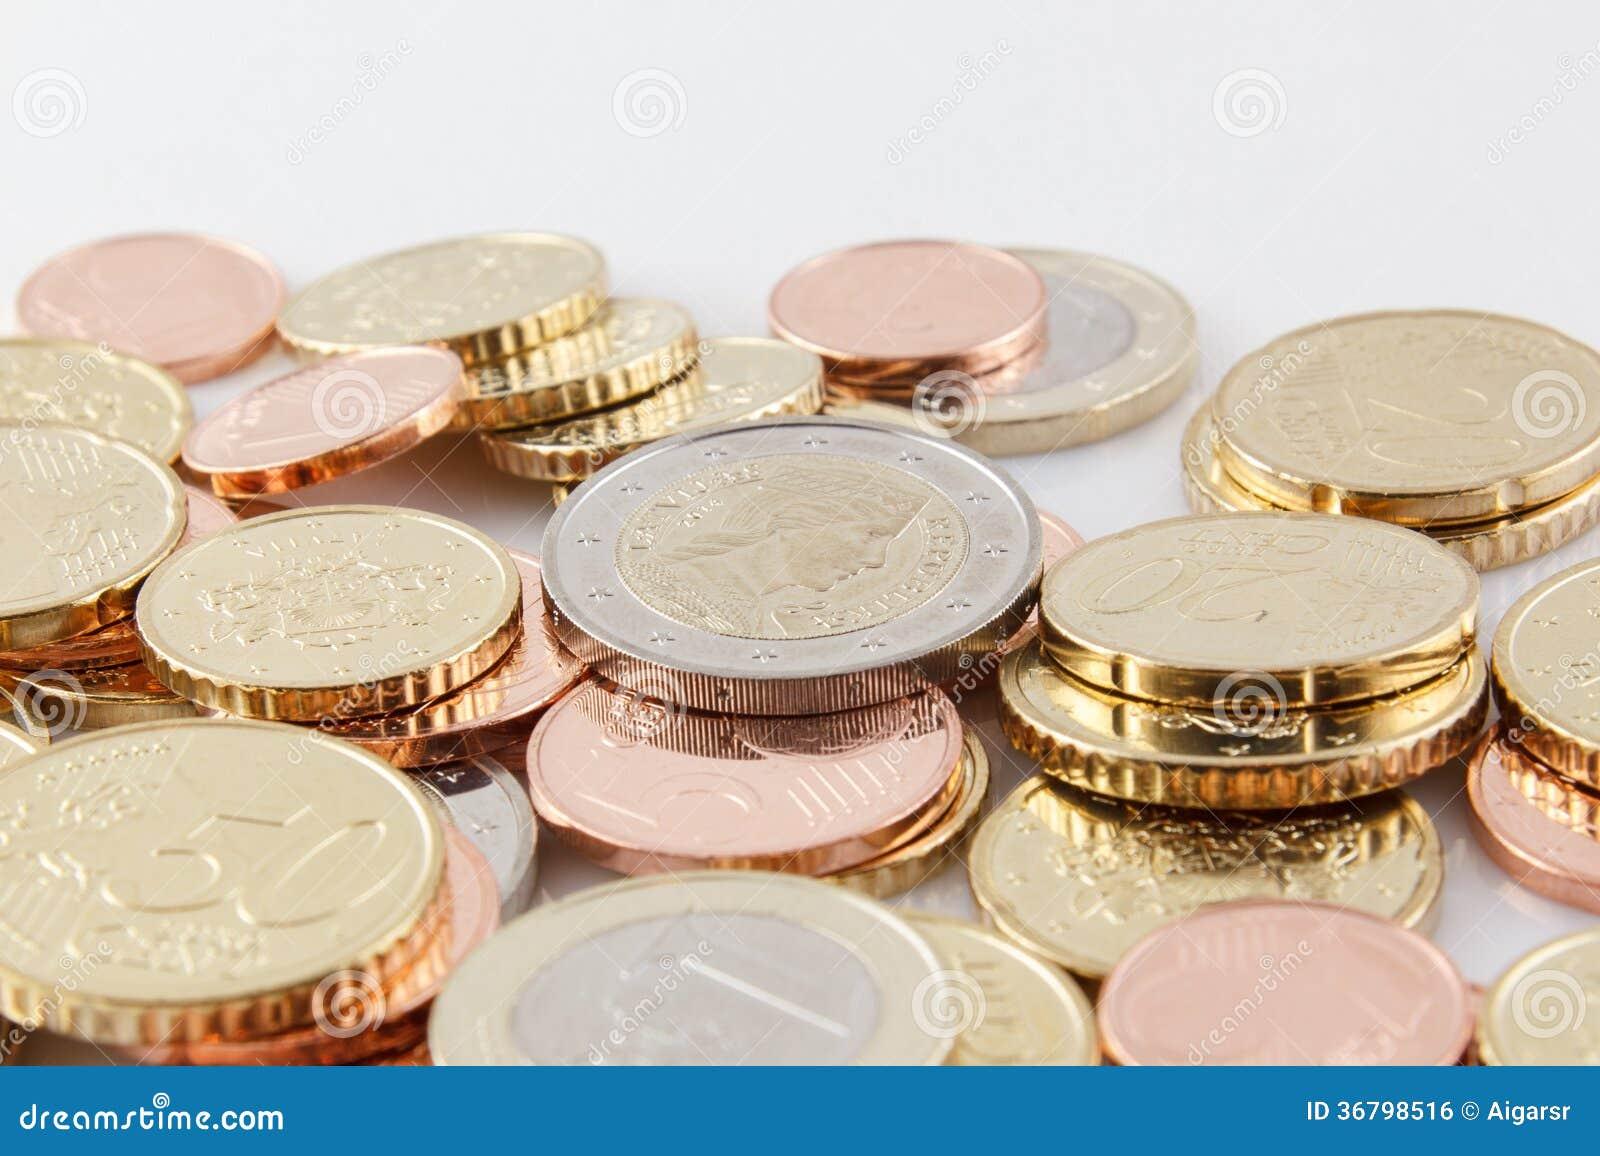 Lettland Euro Münzen Stockfoto Bild Von Haufen Baltisch 36798516